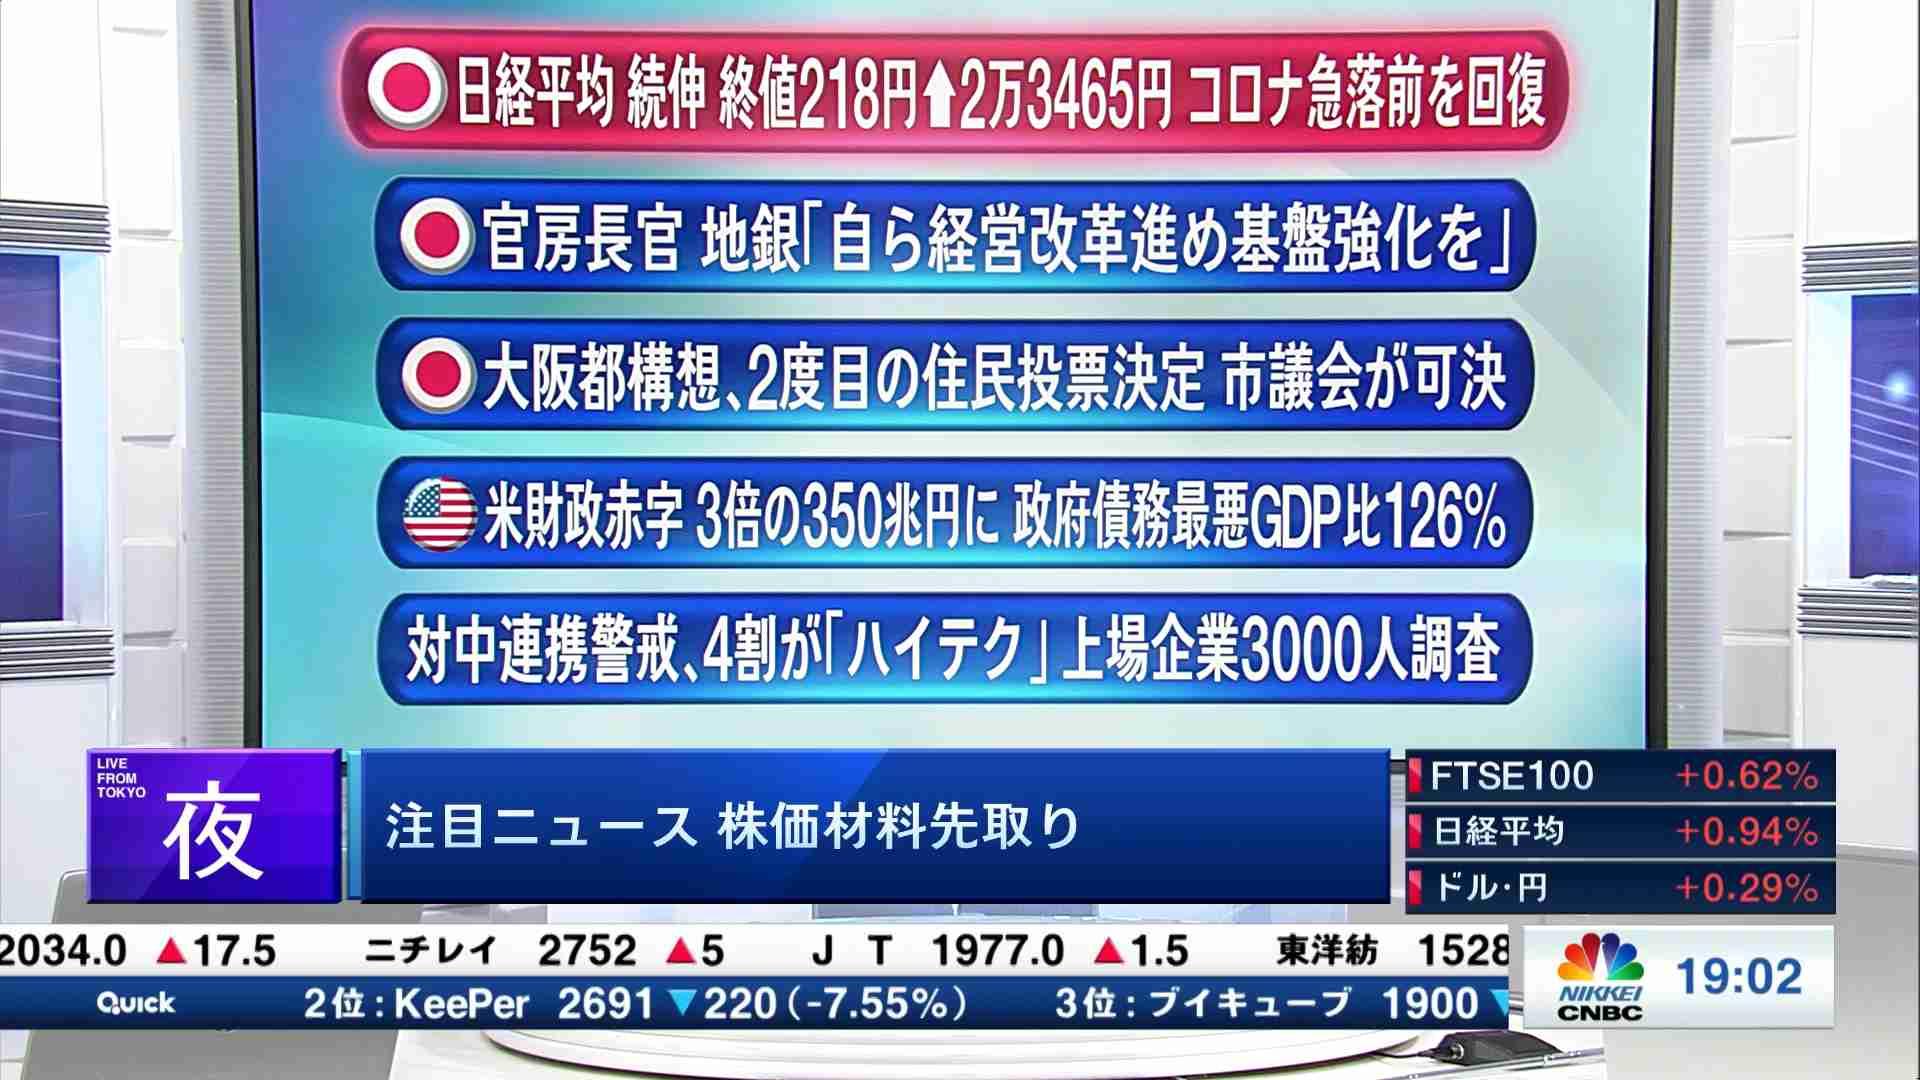 株価 クラウド サイバー セキュリティ